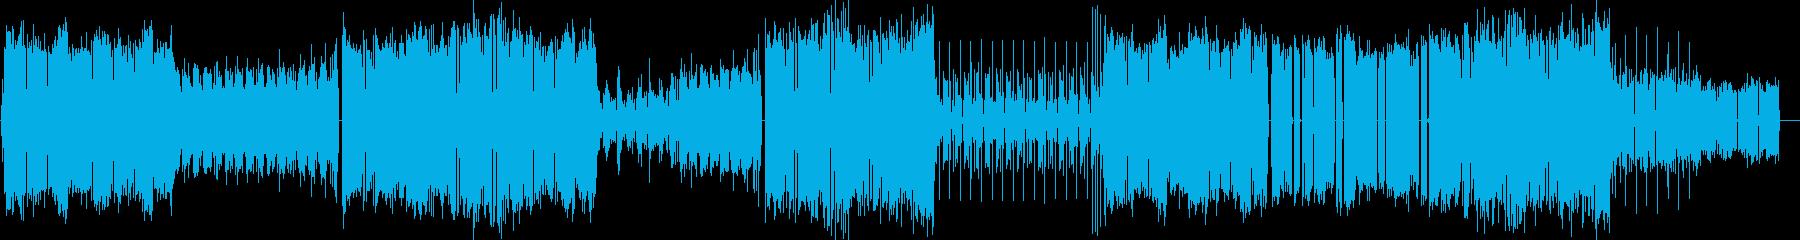 フューチャー風なポップス(メロディなし)の再生済みの波形